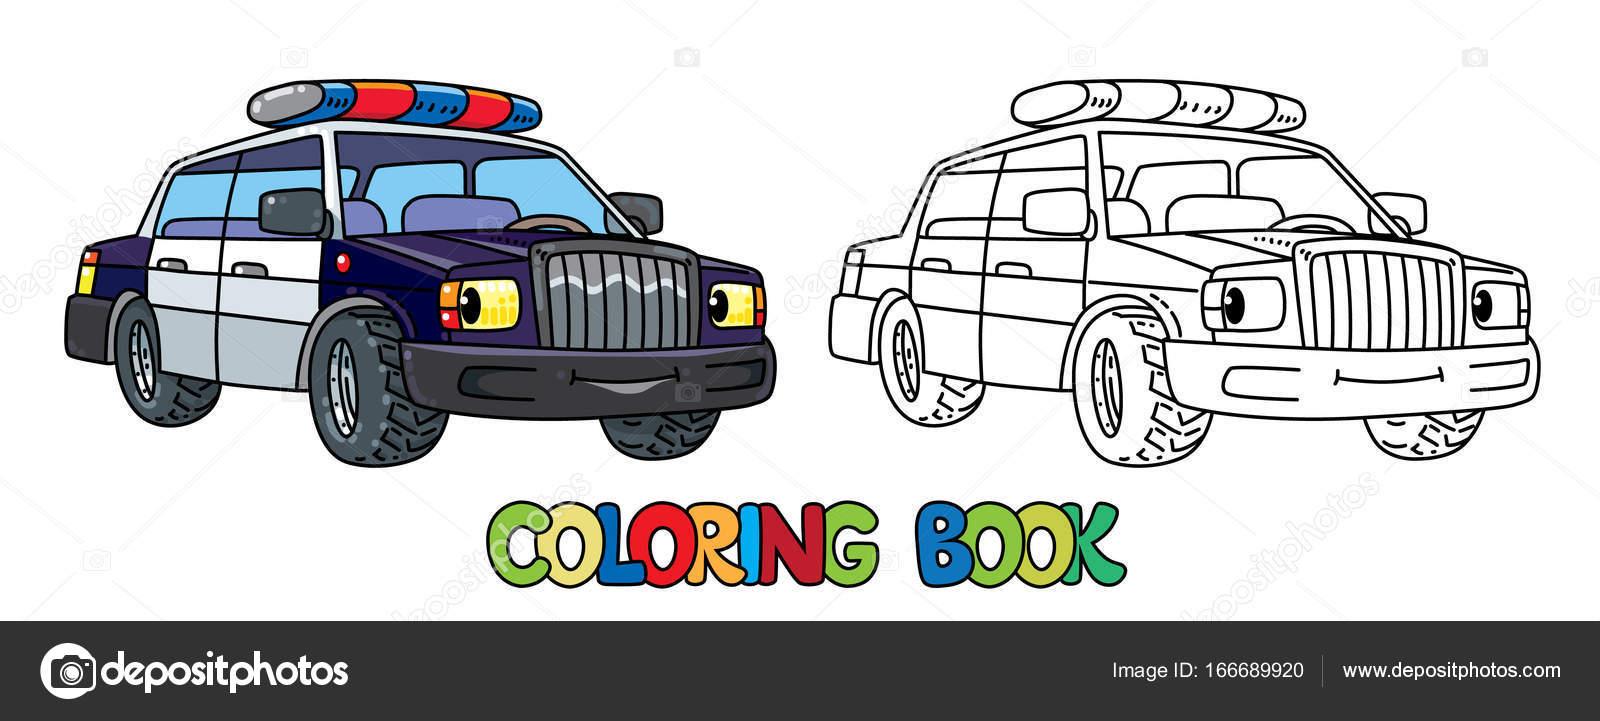 Komik Küçük Polis Arabası Gözleri Olan Boyama Kitabı Stok Vektör